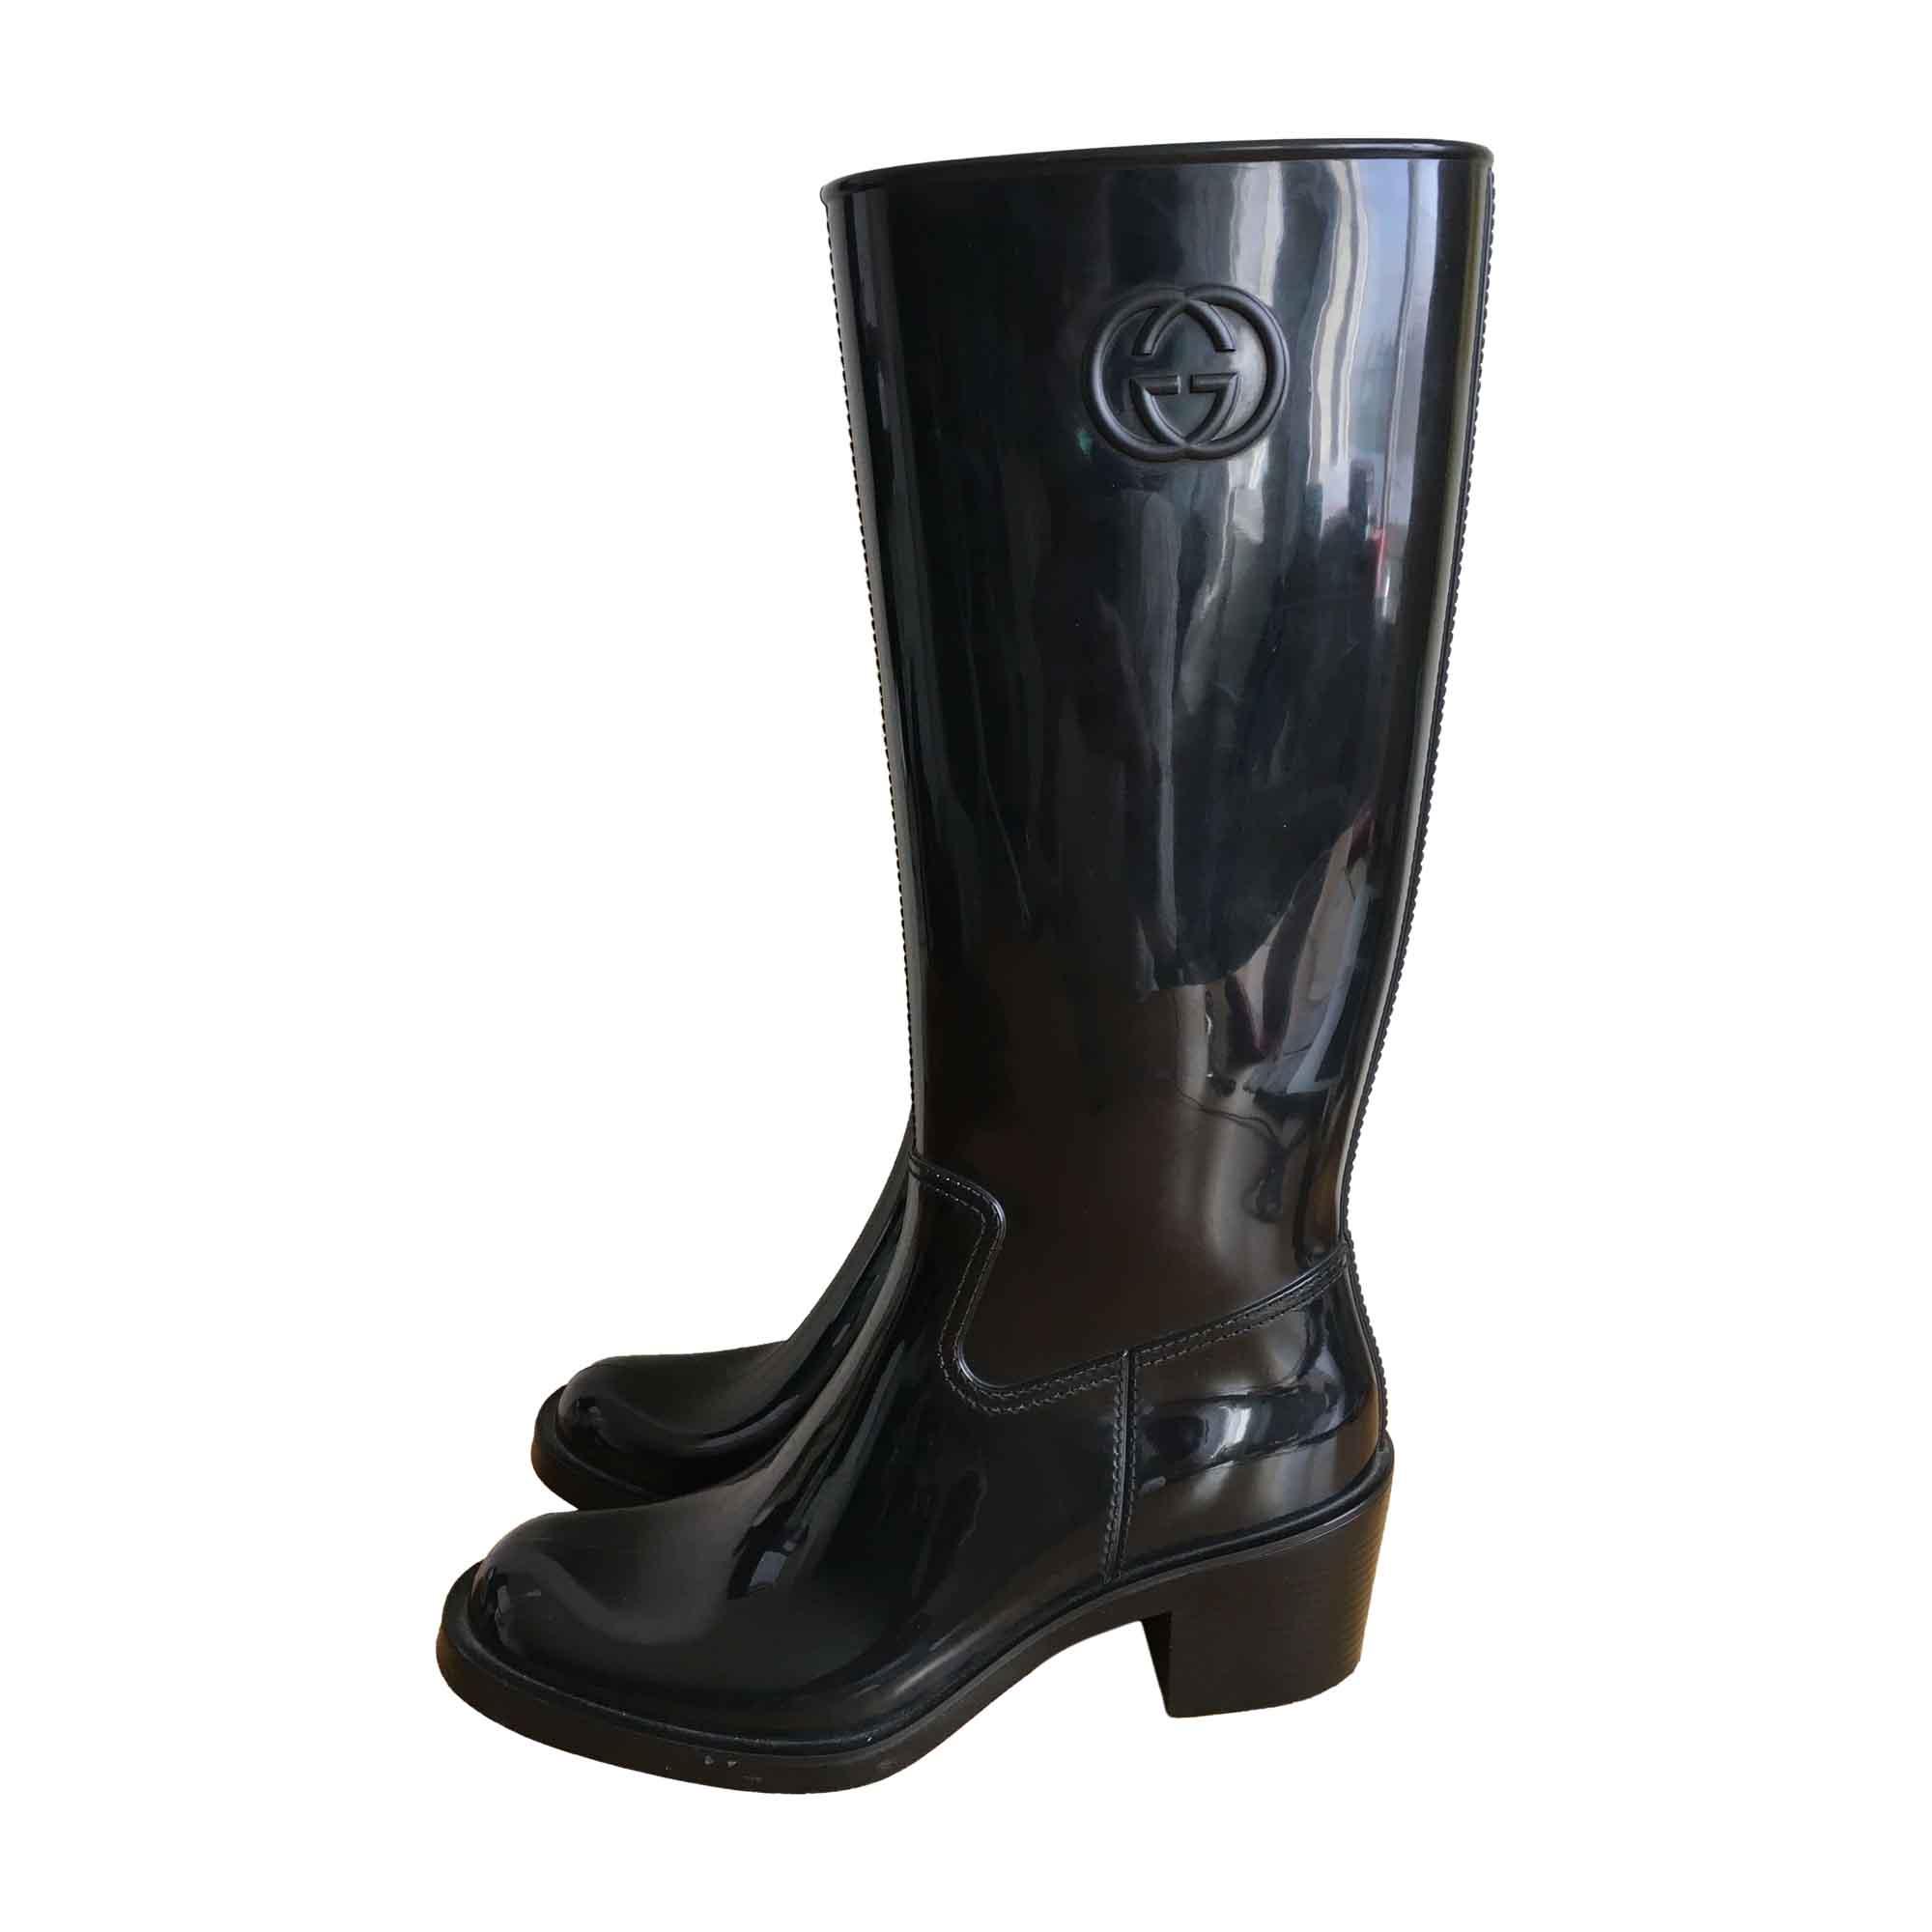 Bottes de pluie GUCCI 41 noir vendu par The boutique of dulce - 6812359 ff6748cbec1